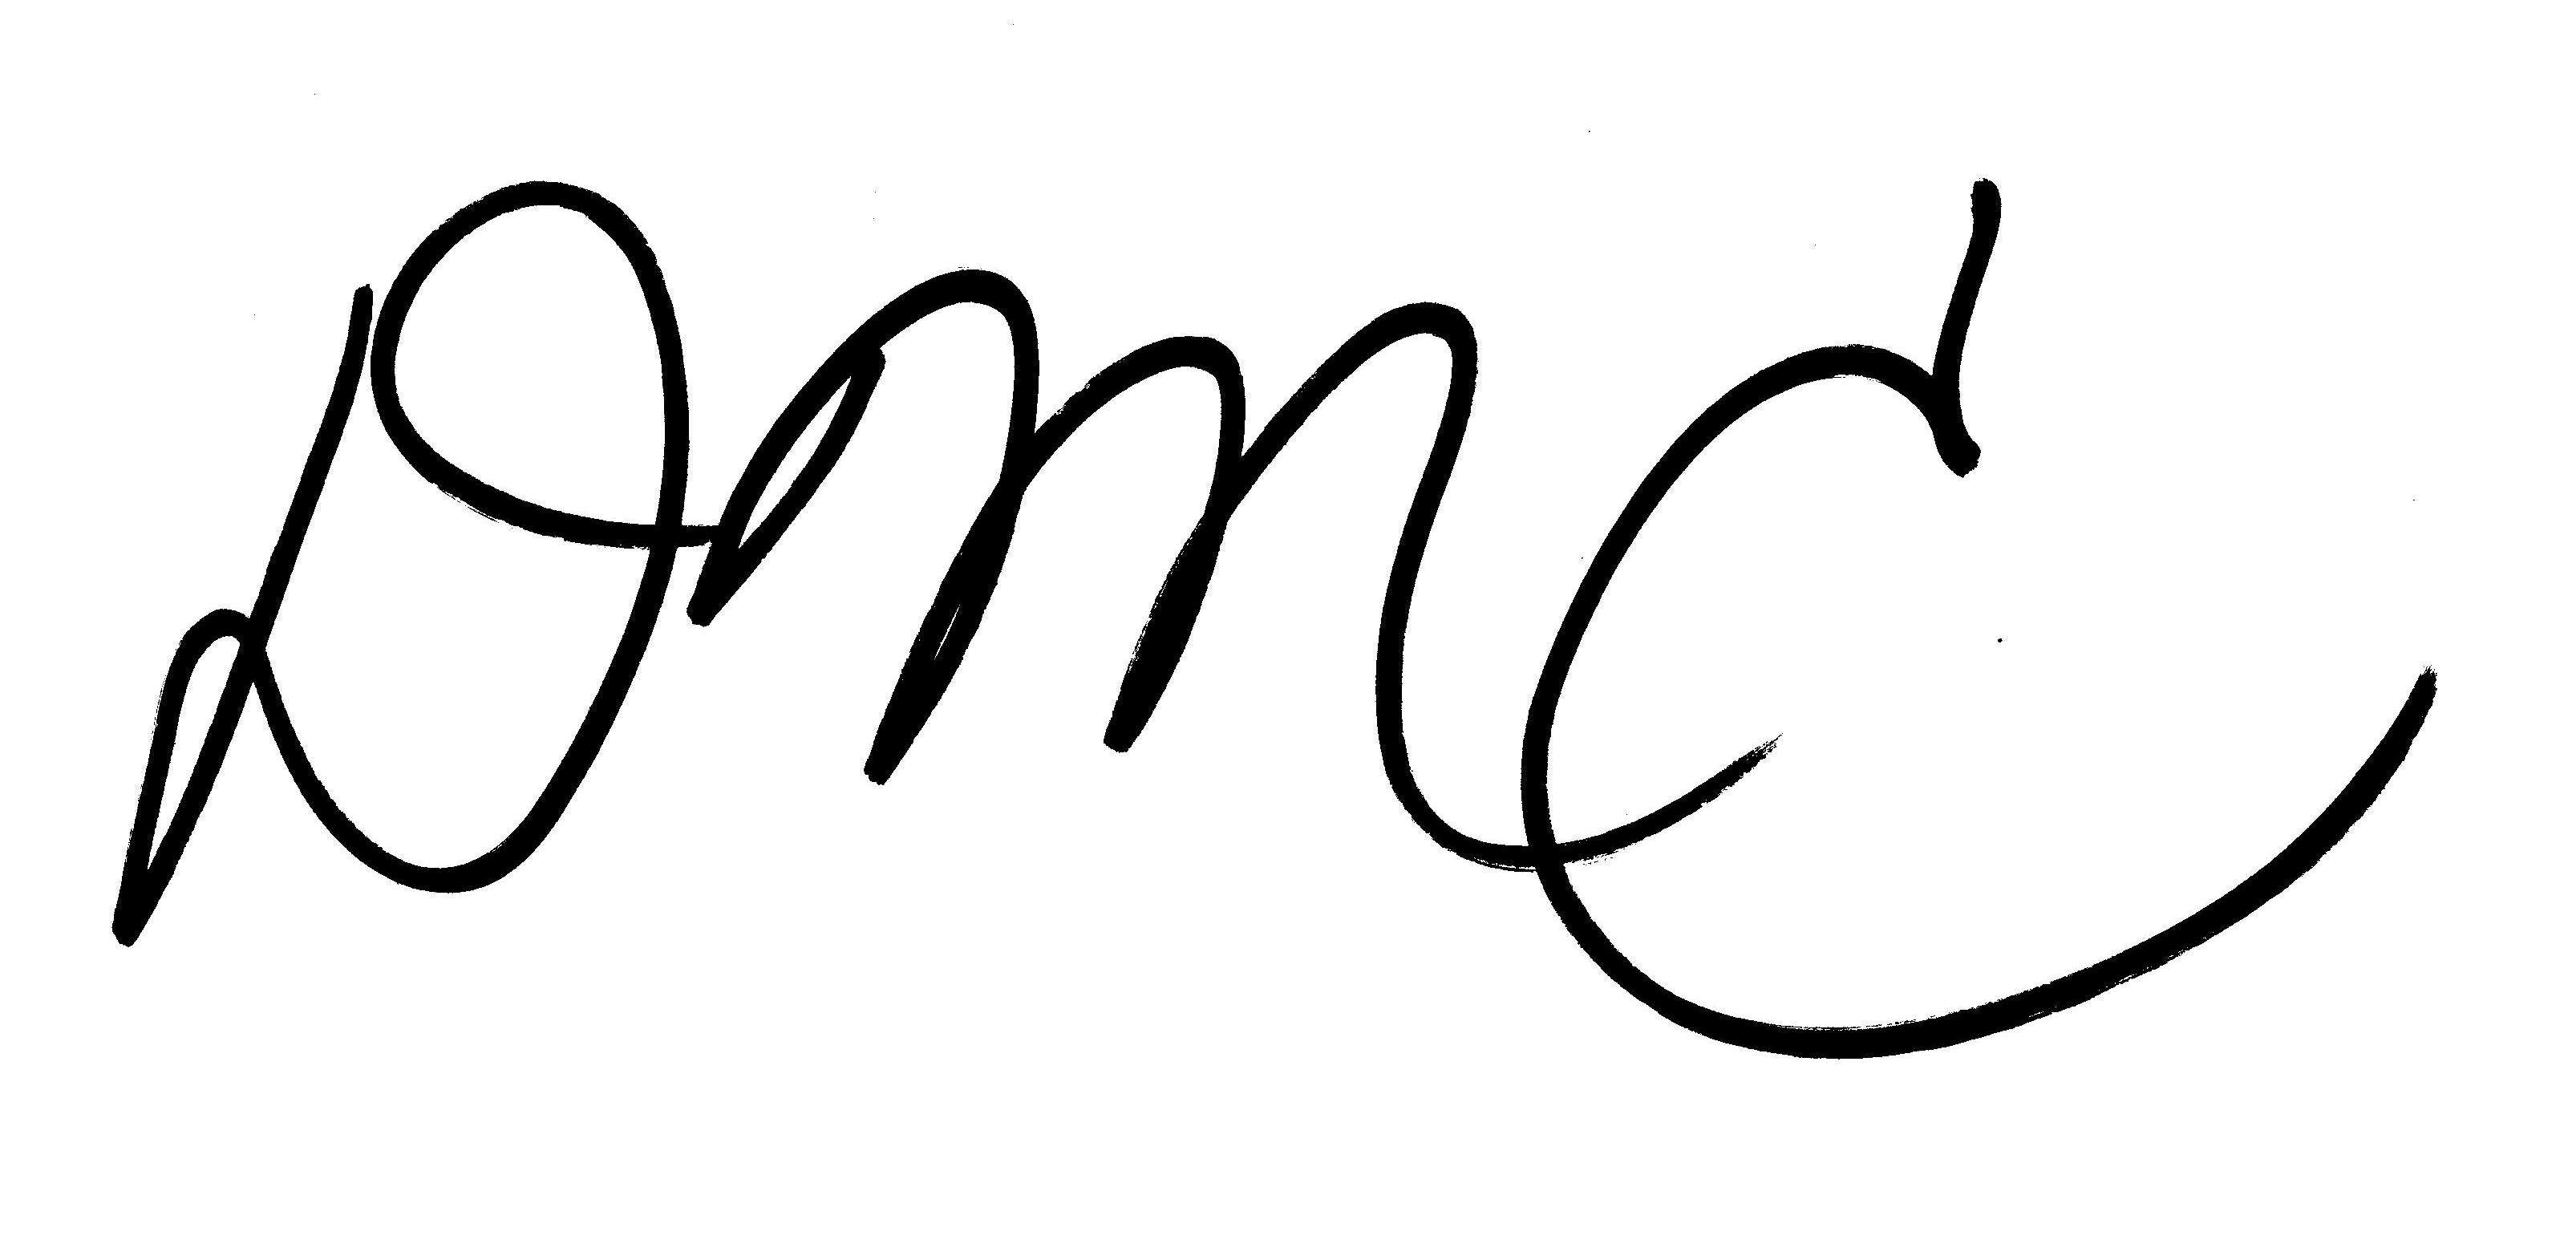 Daniel Cassat's Signature